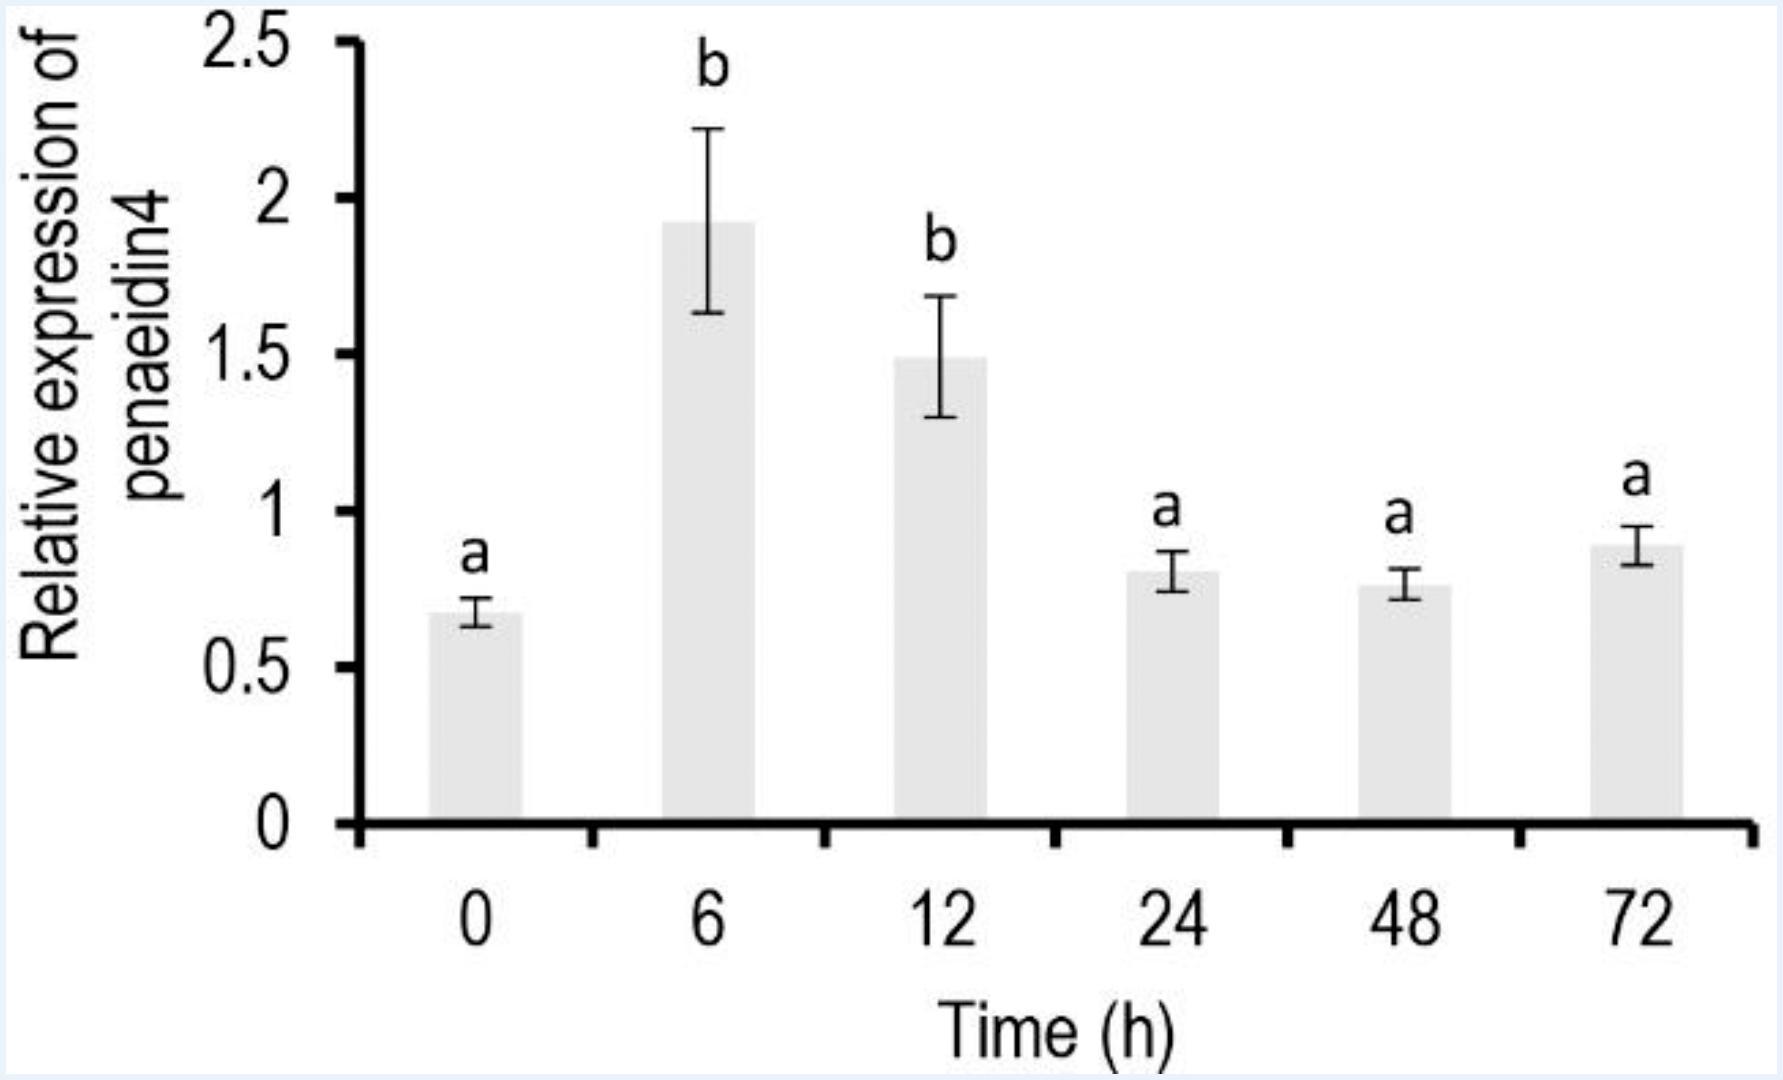 Immune-related gene expression in Penaeus vannamei fed Aloe vera